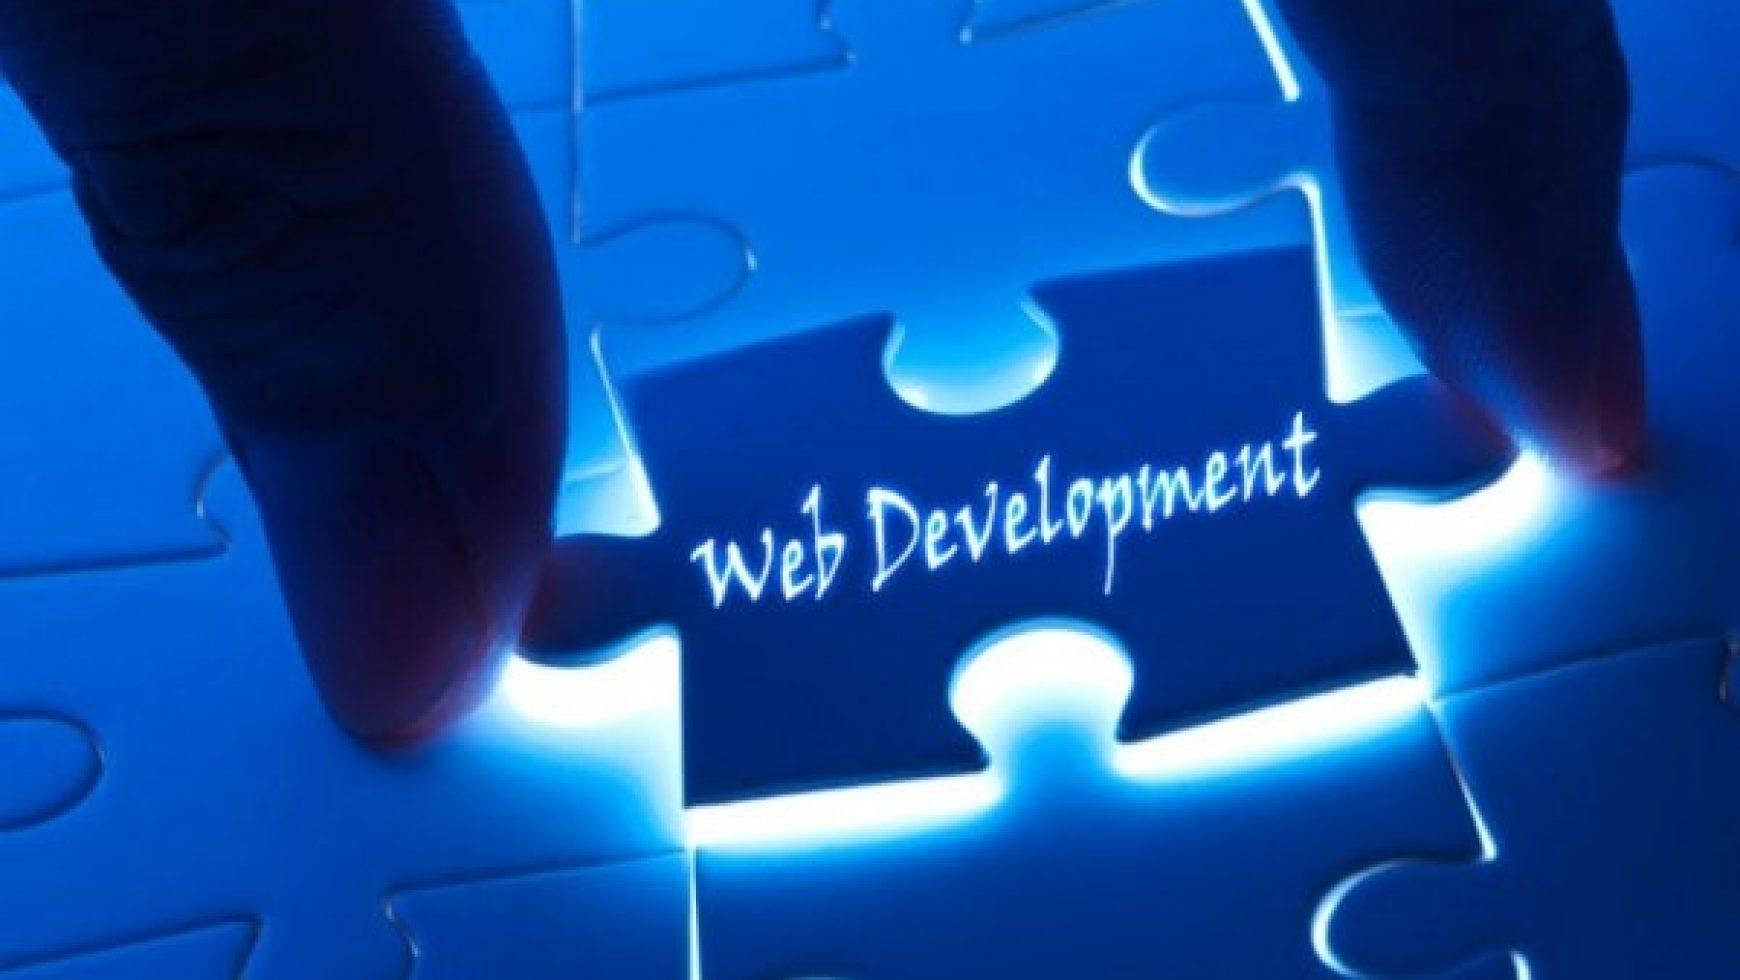 Phát triển web theo hướng kết quả từ các nhóm chuyên gia thực sự